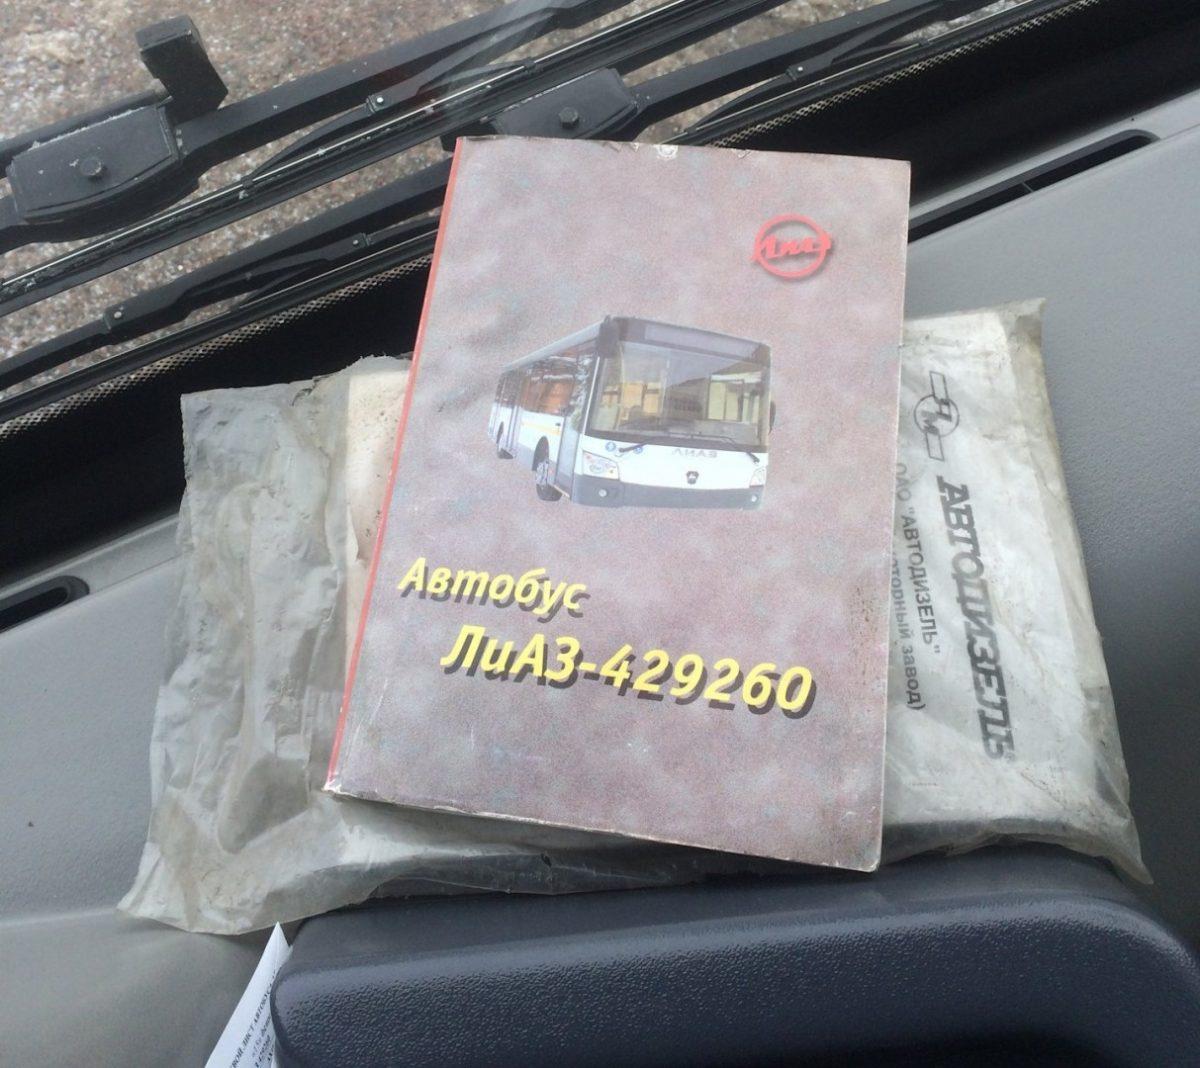 Синие автобусы из Москвы достались компании «АвтоМиг»